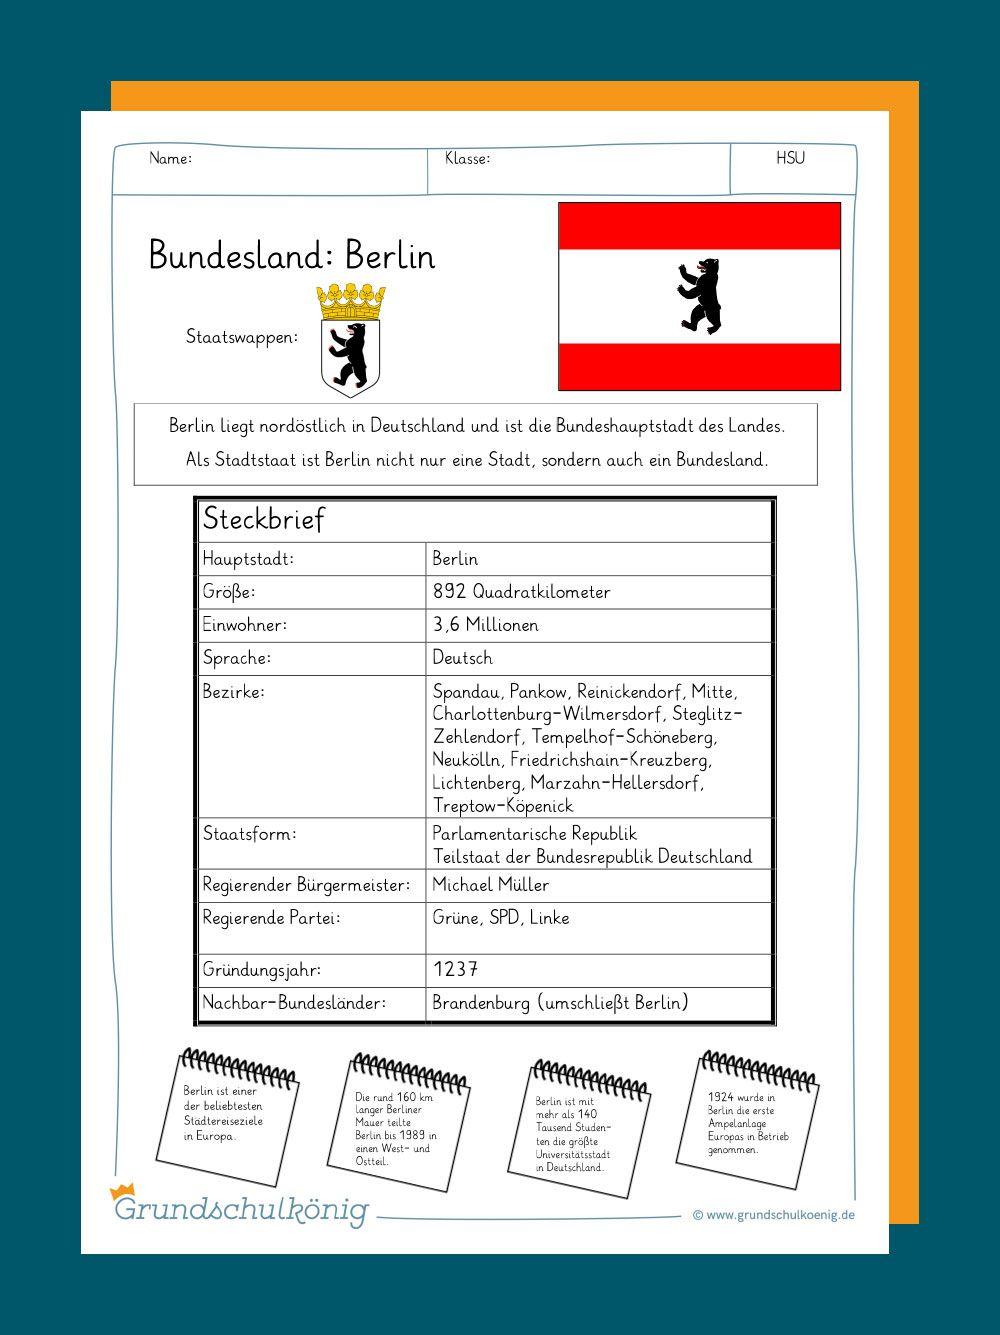 Arbeitsblatter Mit Ubungen Und Aufgaben Sowie Steckbriefe Fur Referate Plakate Portfolios Und Andere Prasentationen Zu Grundschule Berlin Grundschule Berlin